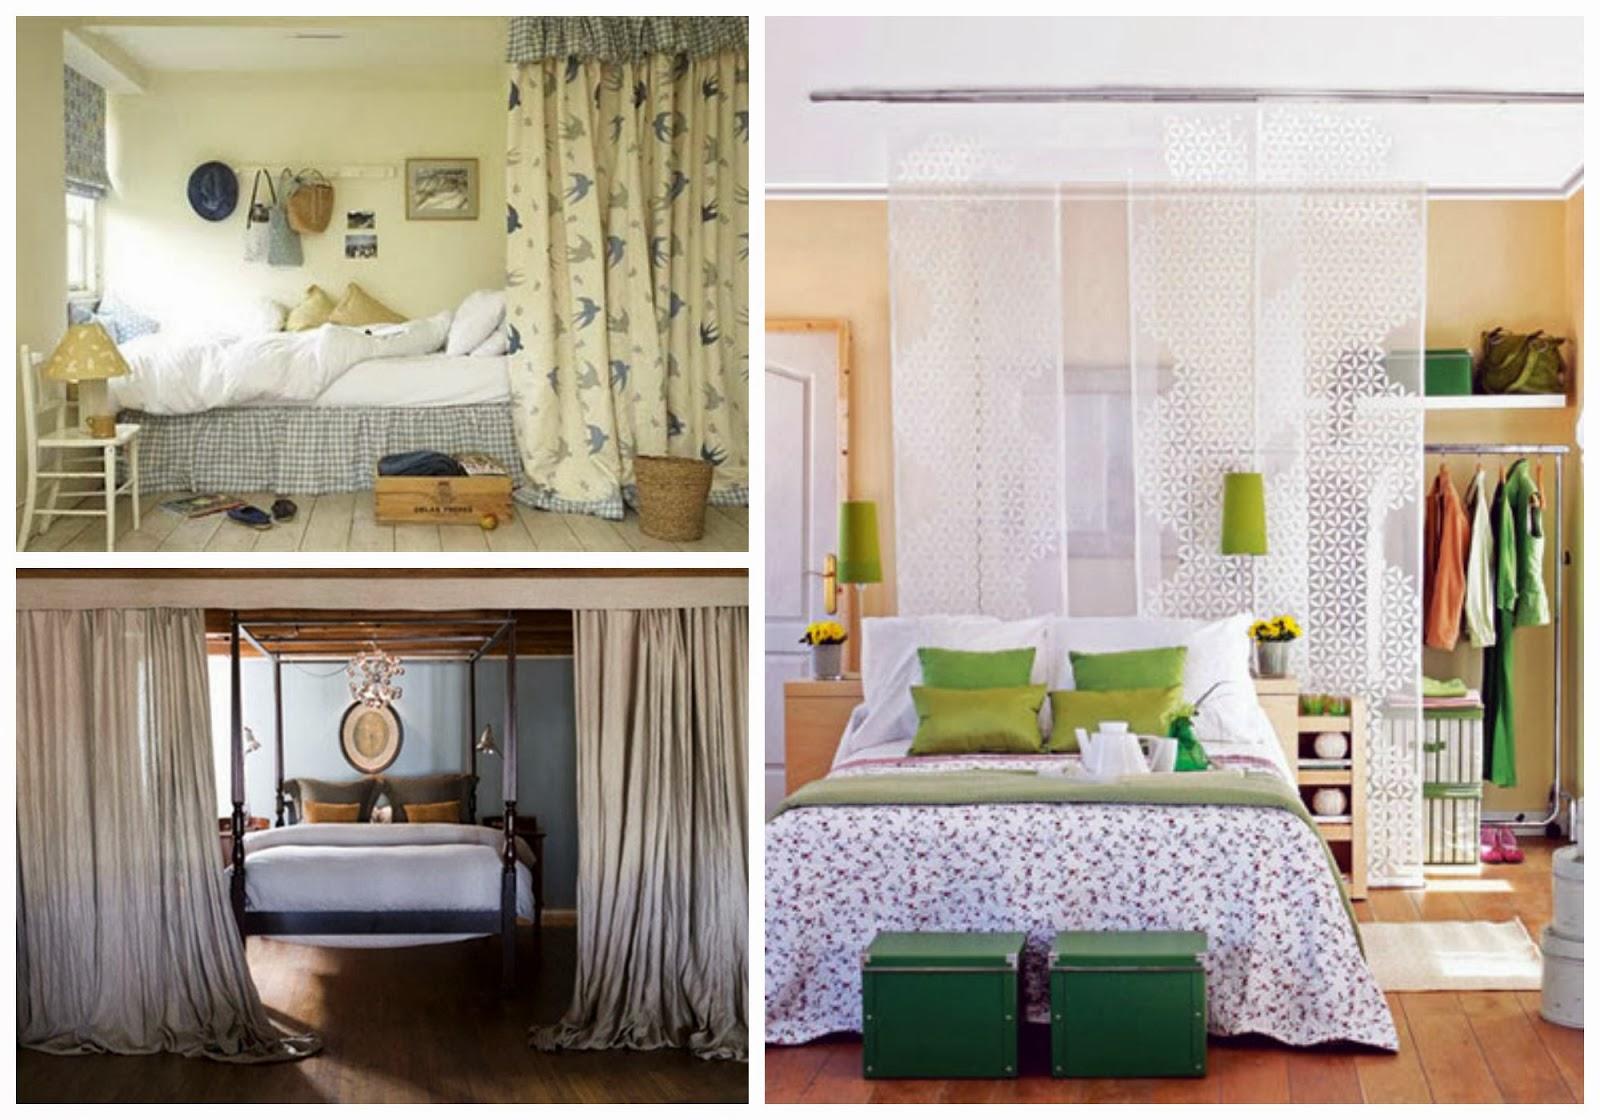 Cortinas y persianas para decorar interiores decoraci n for App para decorar interiores